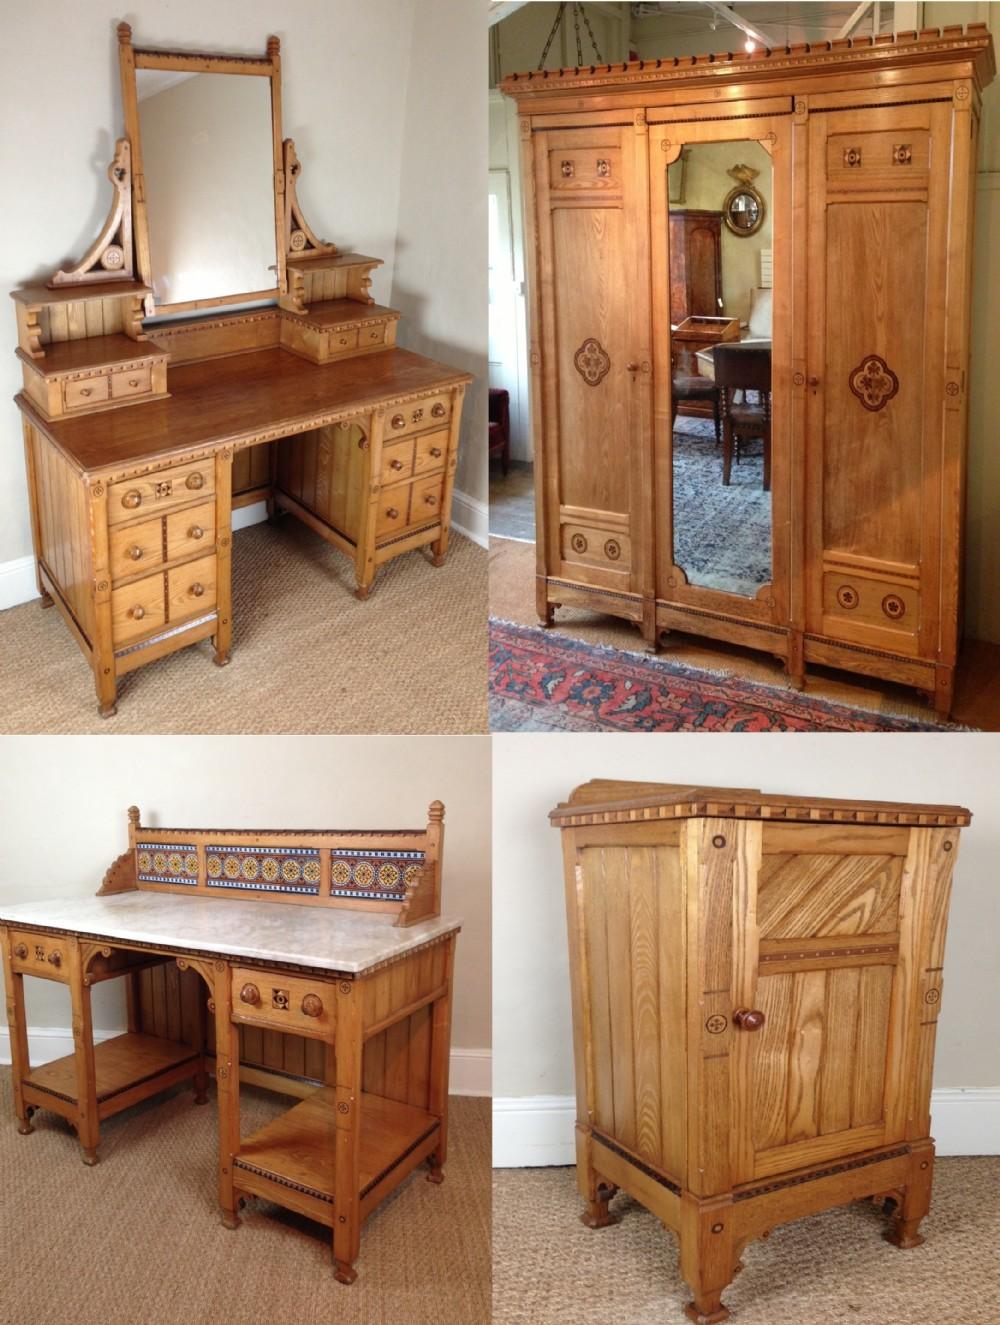 Delightful A Marsh And Jones 5 Piece Ash Bedroom Suite C 1875